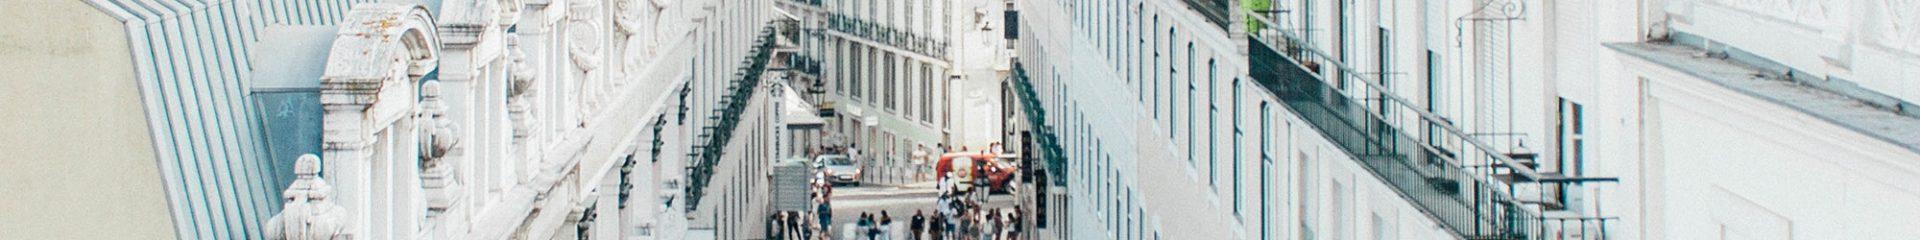 rua de lisboa cheia de gente